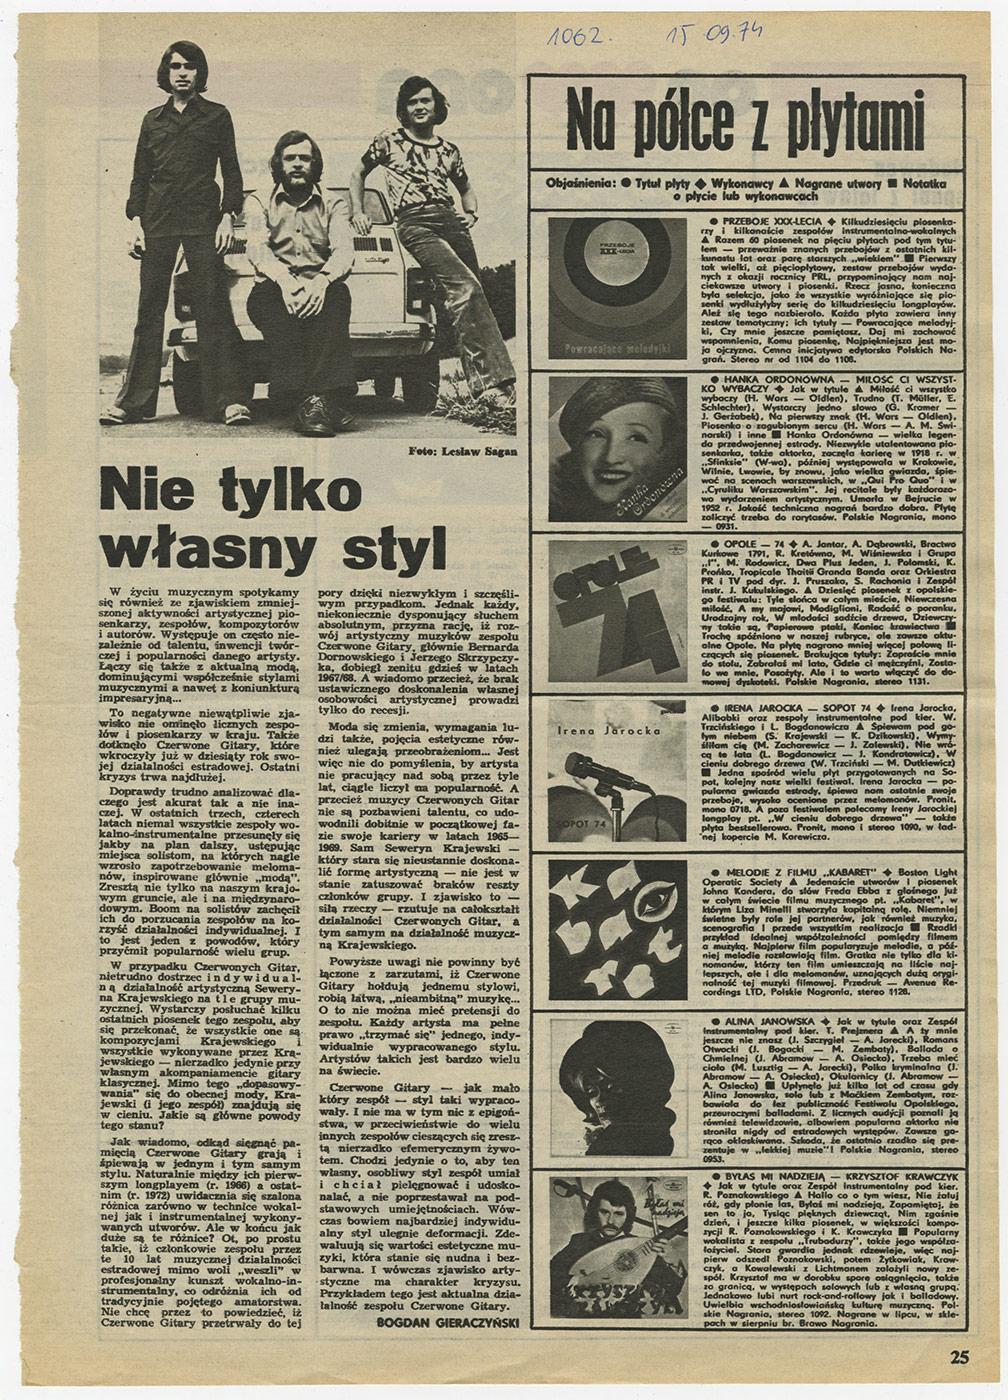 1969-1978_Panorama_1974_Nie_tylko_wlasny_styl